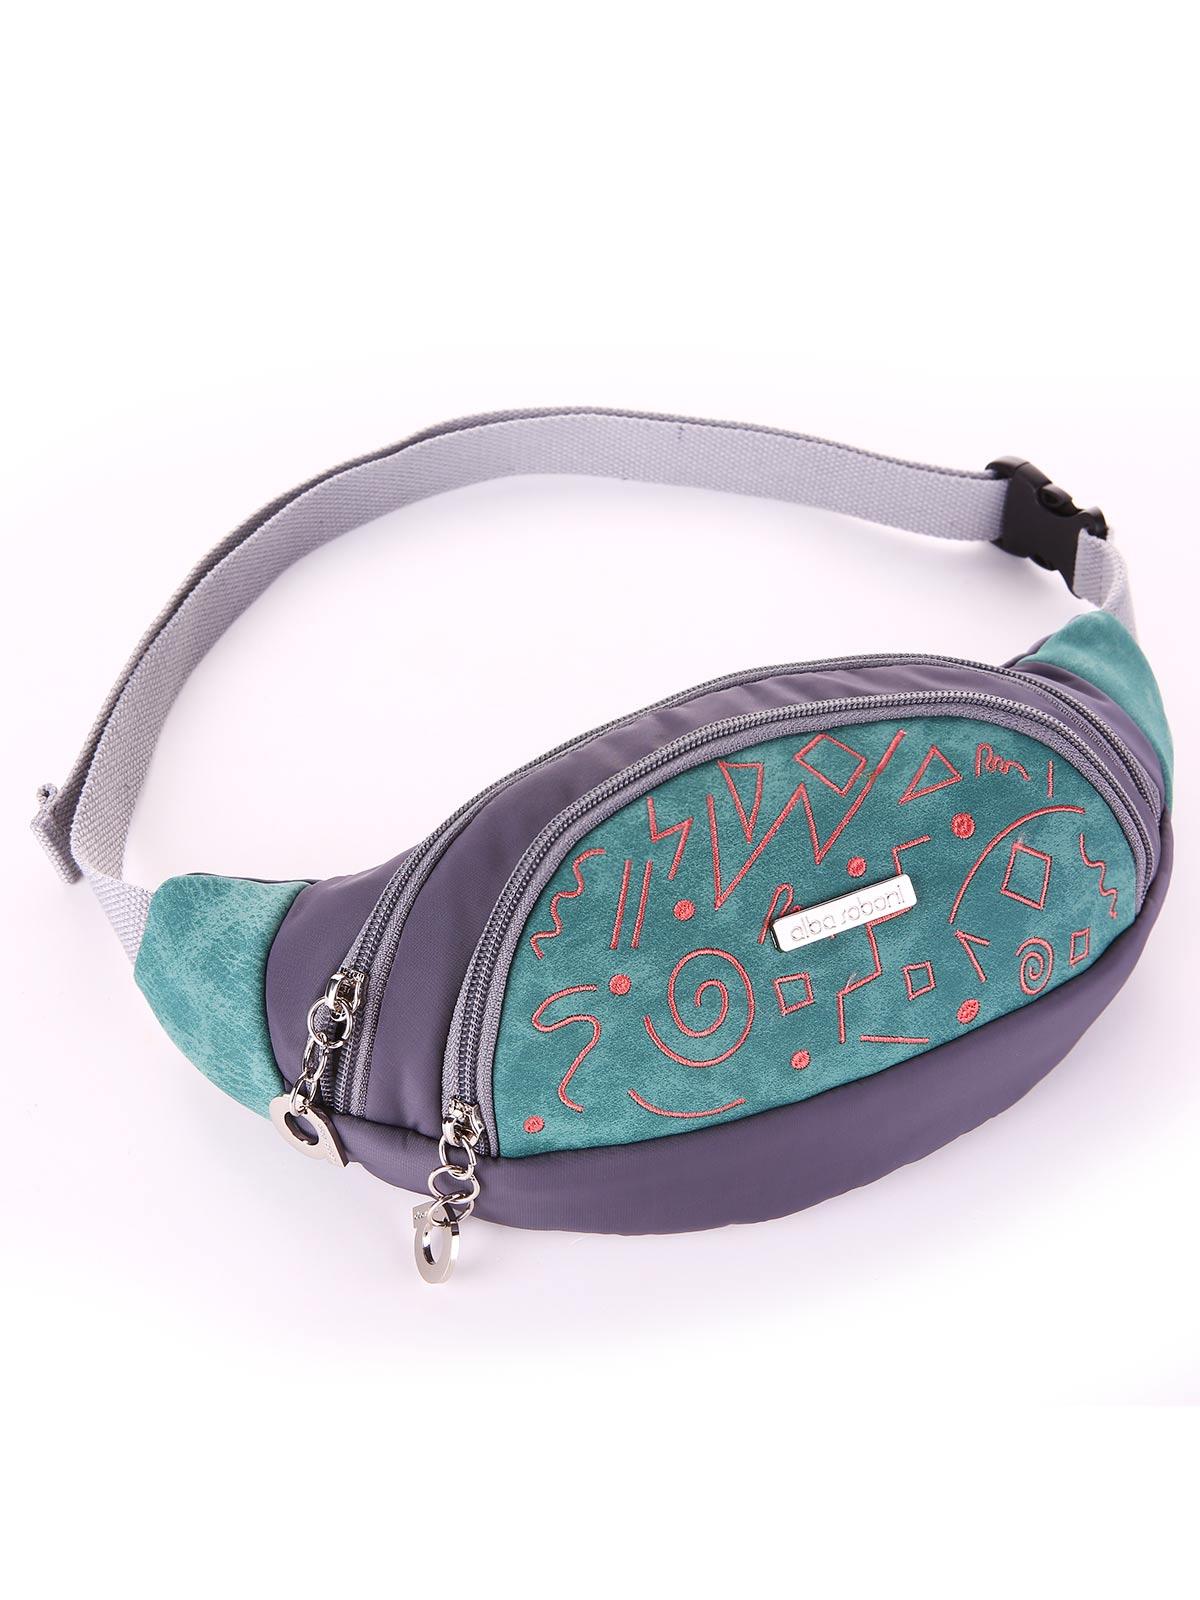 Модная сумка на пояс, модель 183883 серо-зеленый. Фото товара, вид сбоку.